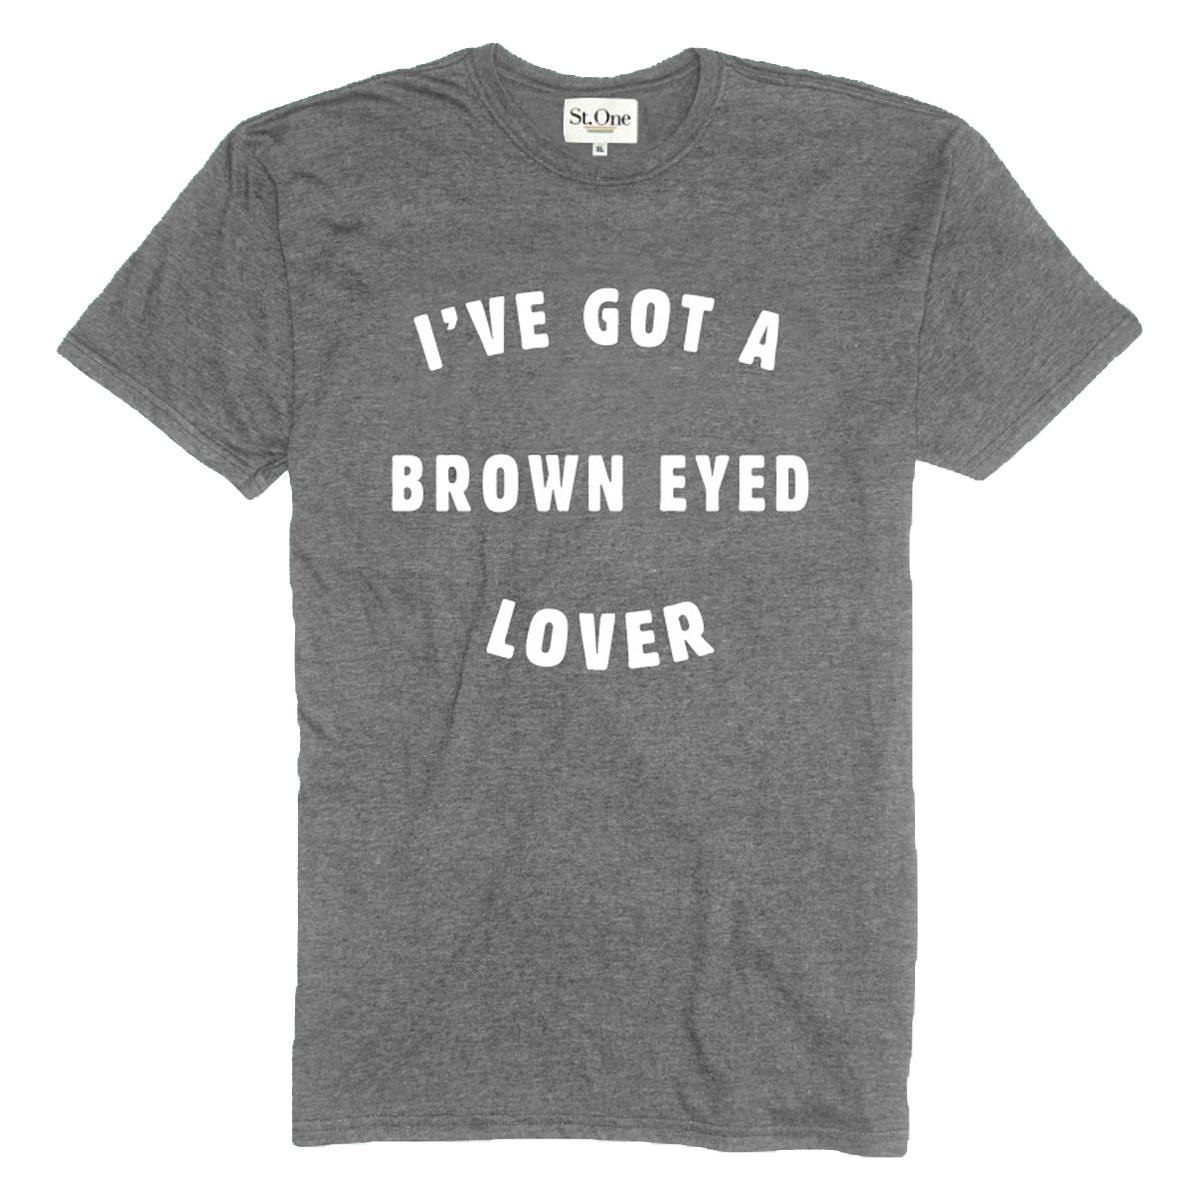 I've Got a Brown Eyed Lover T-shirt - Womens